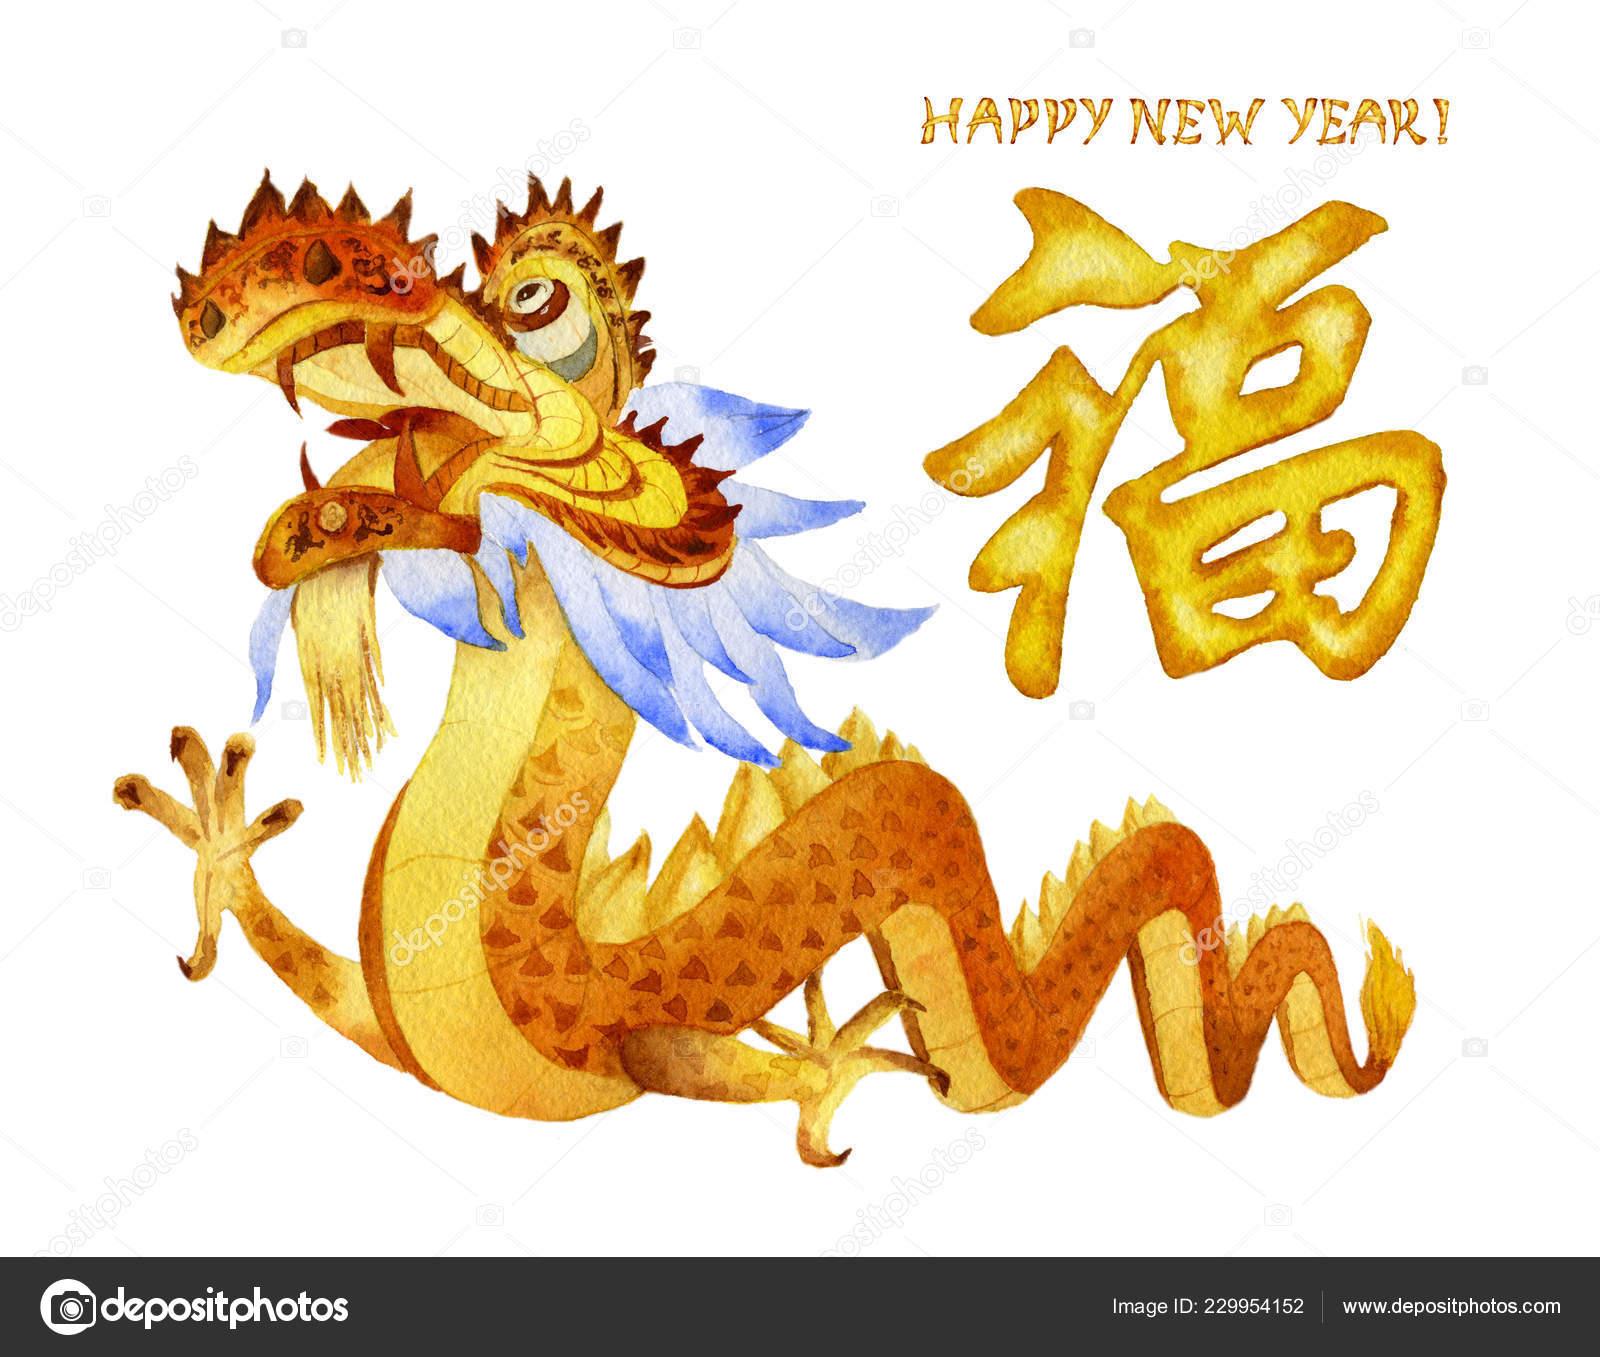 Imagen Dragón Chino Jeroglífico Chino Suerte Significado Felicidad